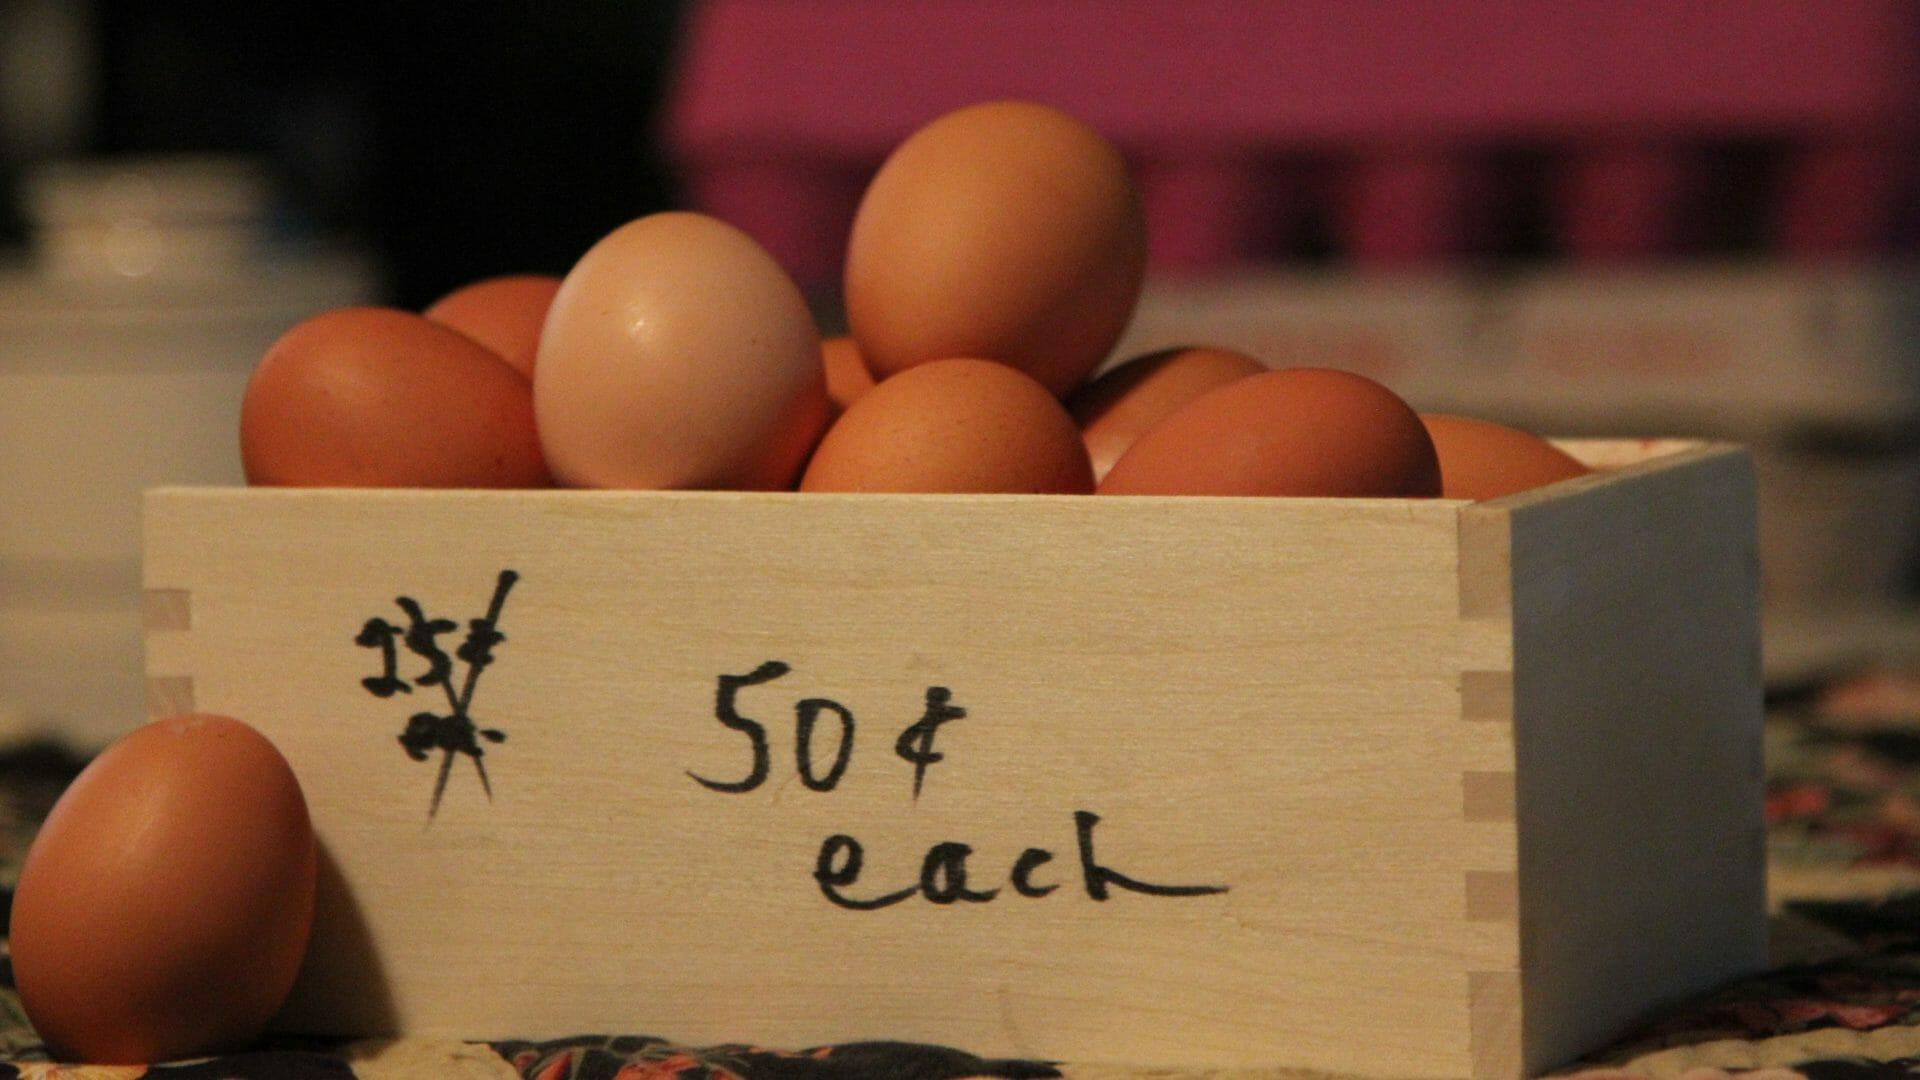 Inflation blog image